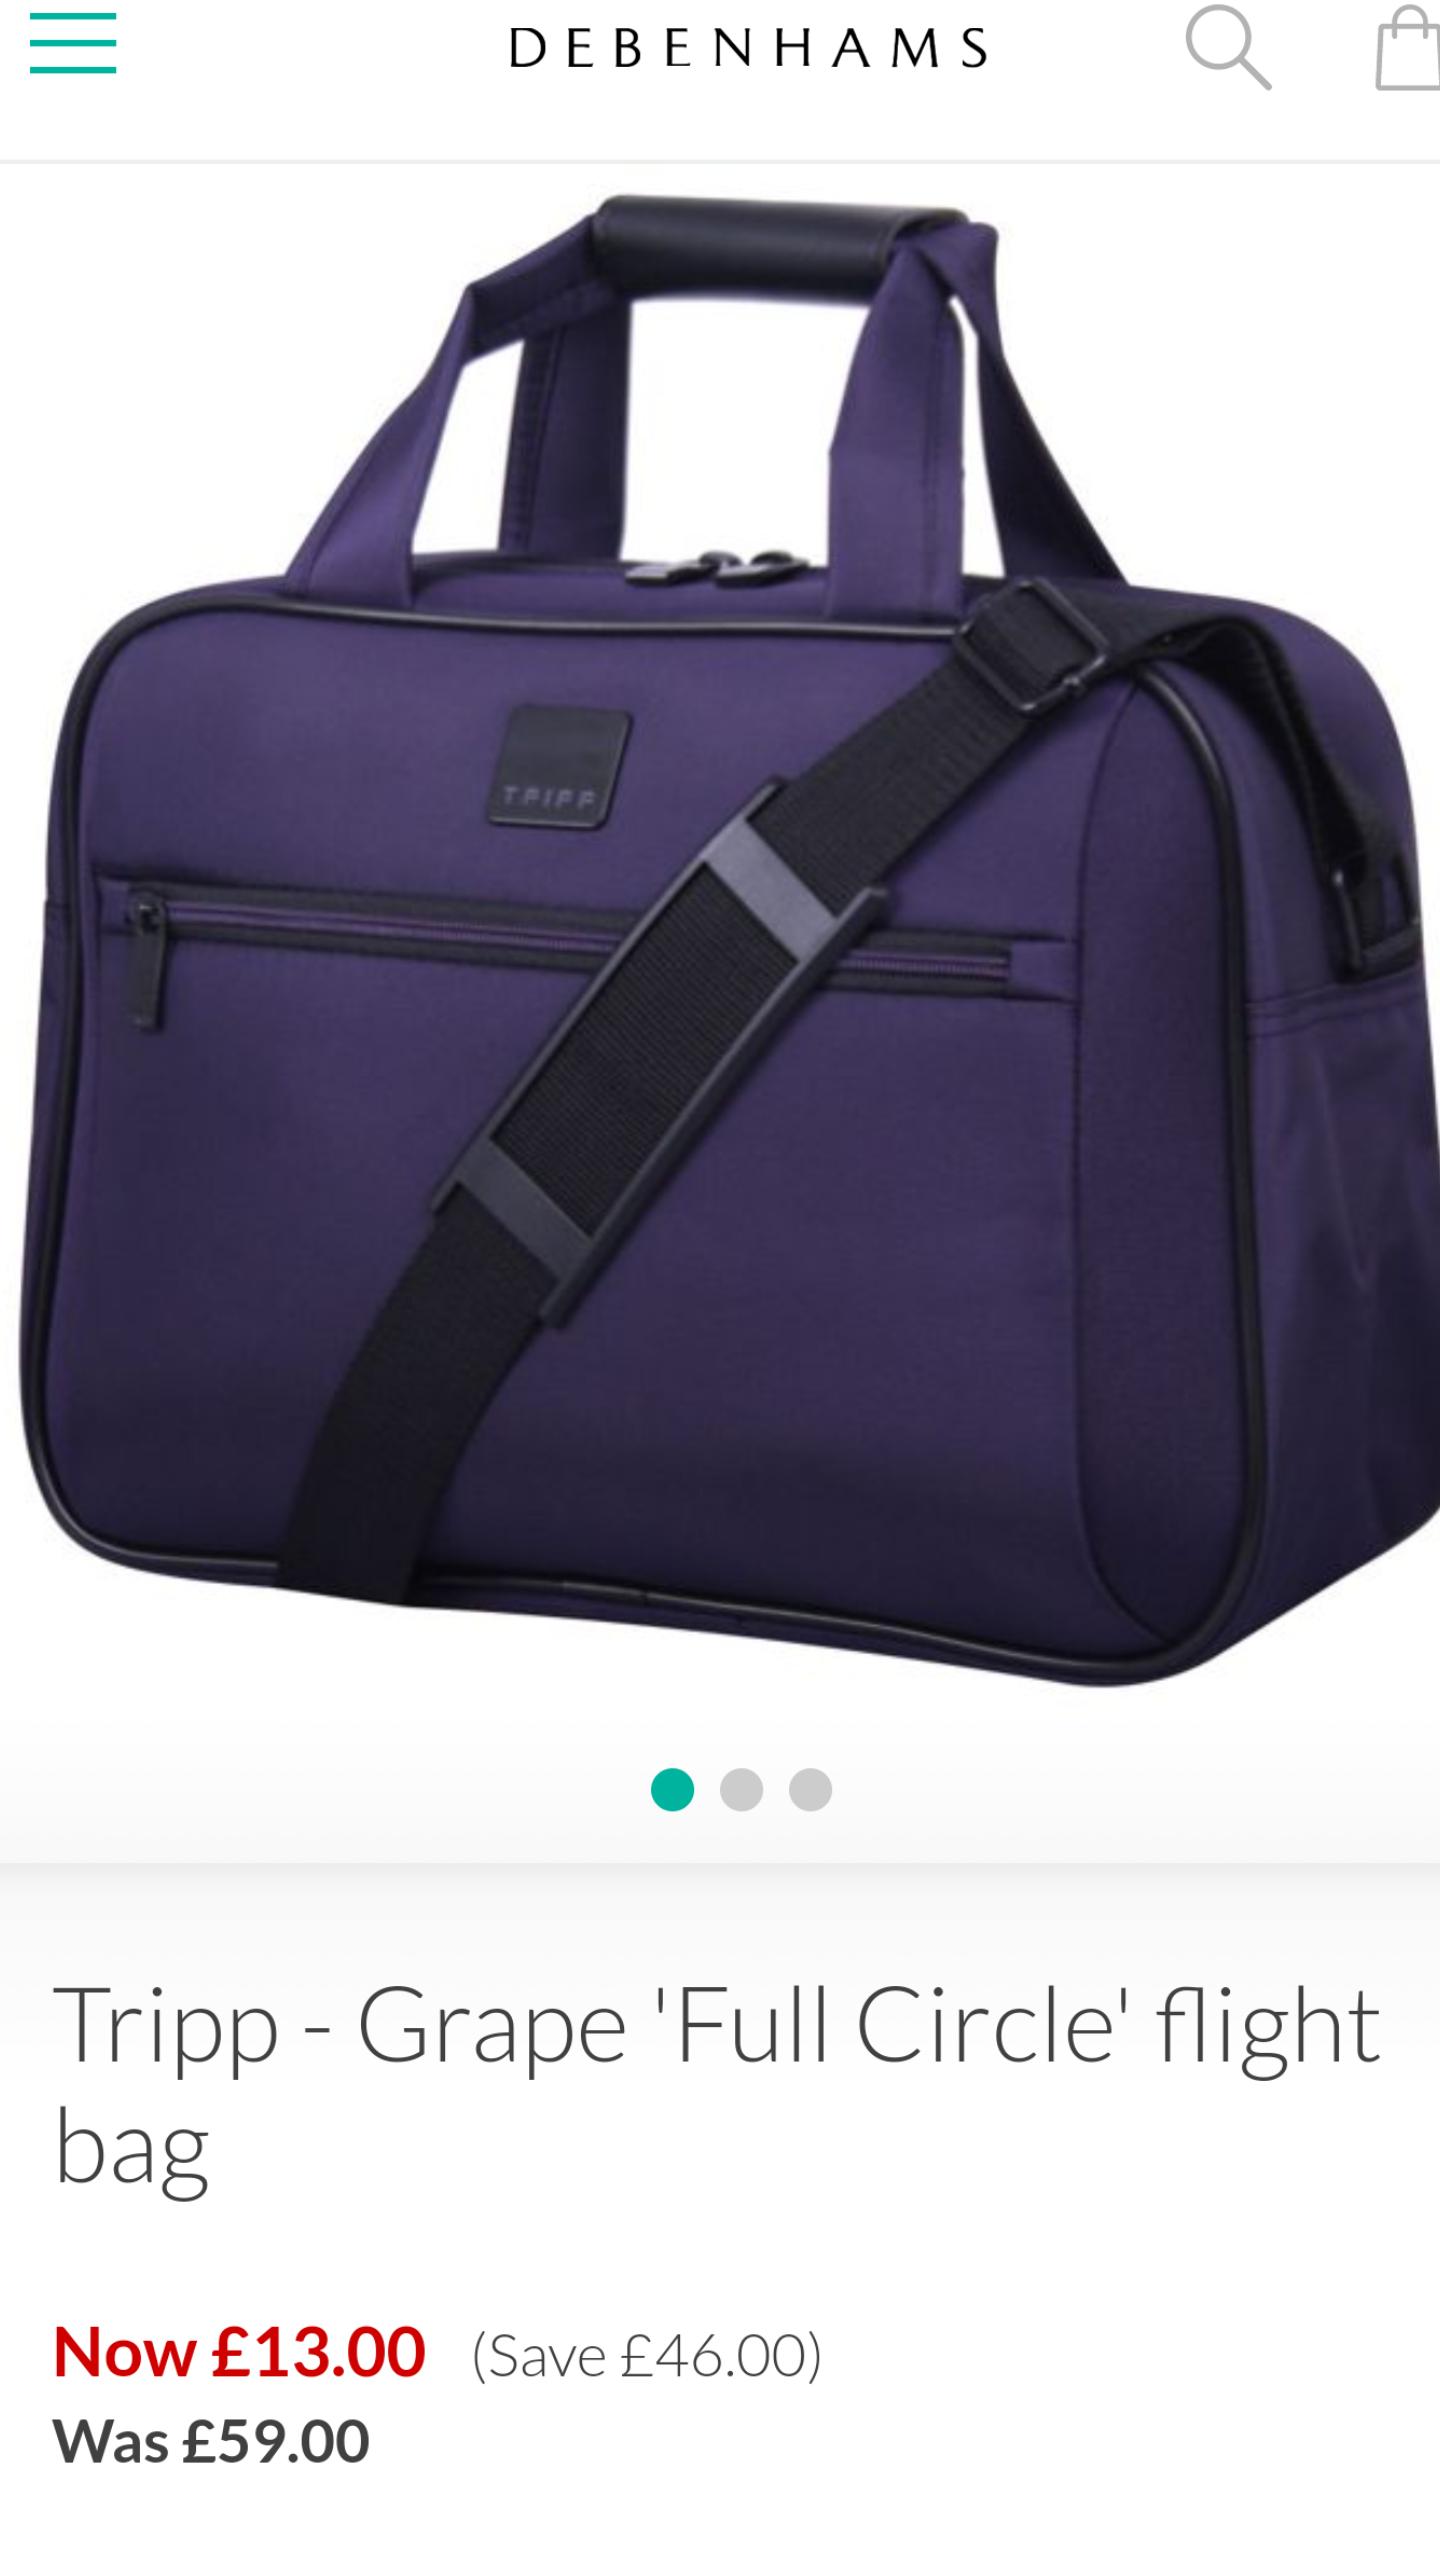 Tripp-Grape 'Full Circle' flight bag - Debenhams - £13